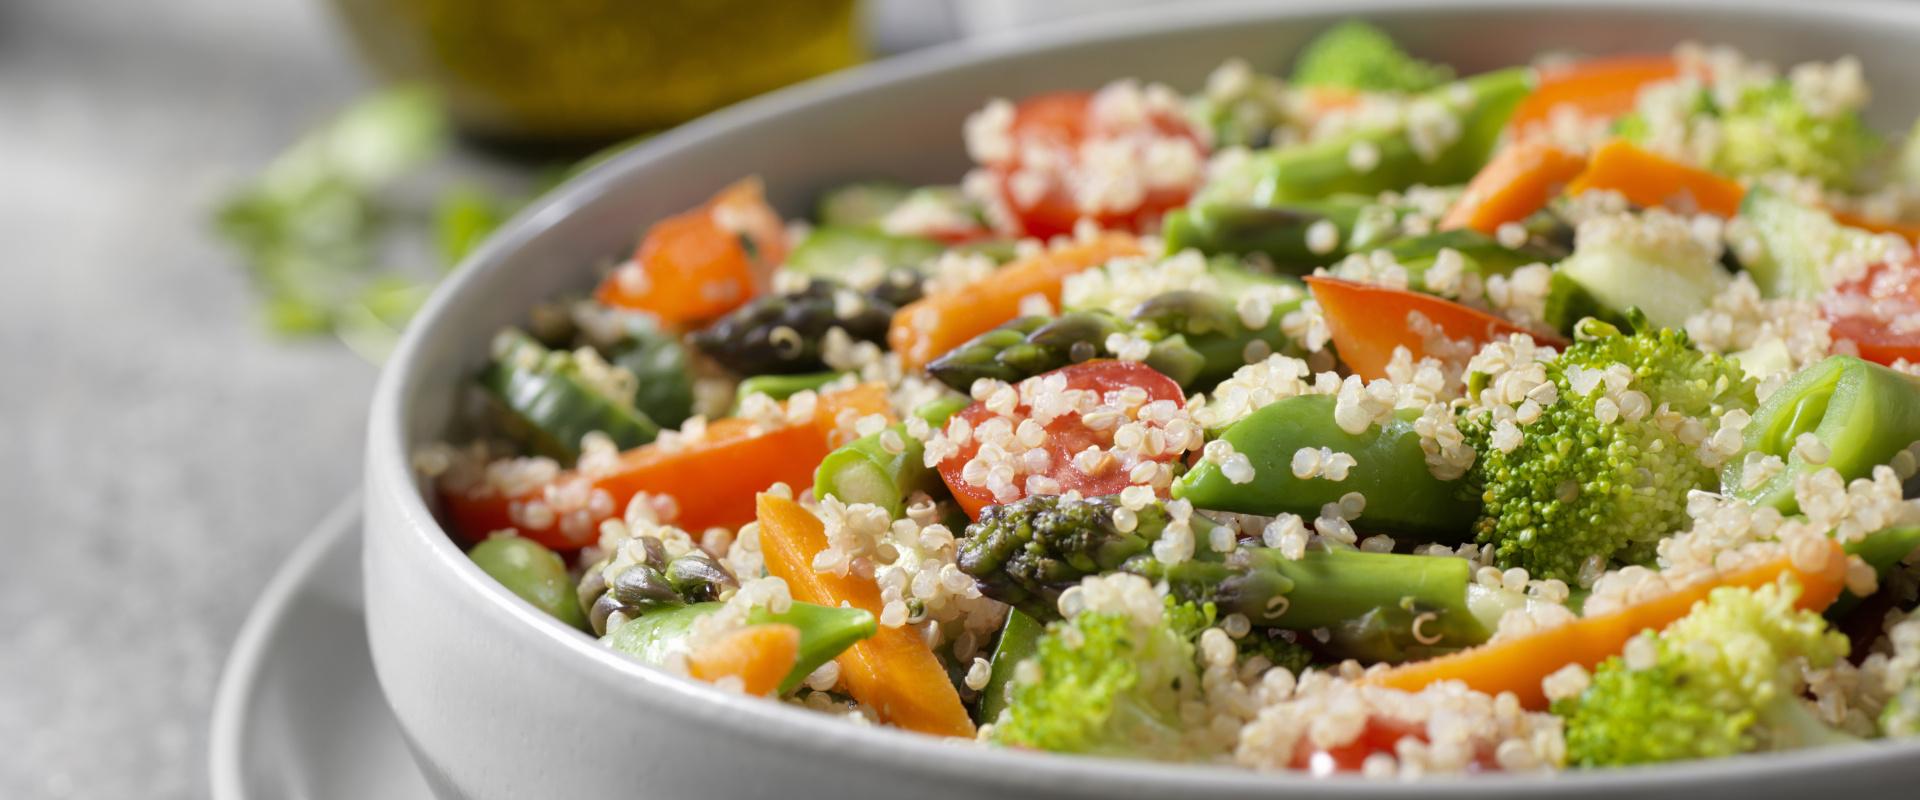 quinoa saláta répával cover